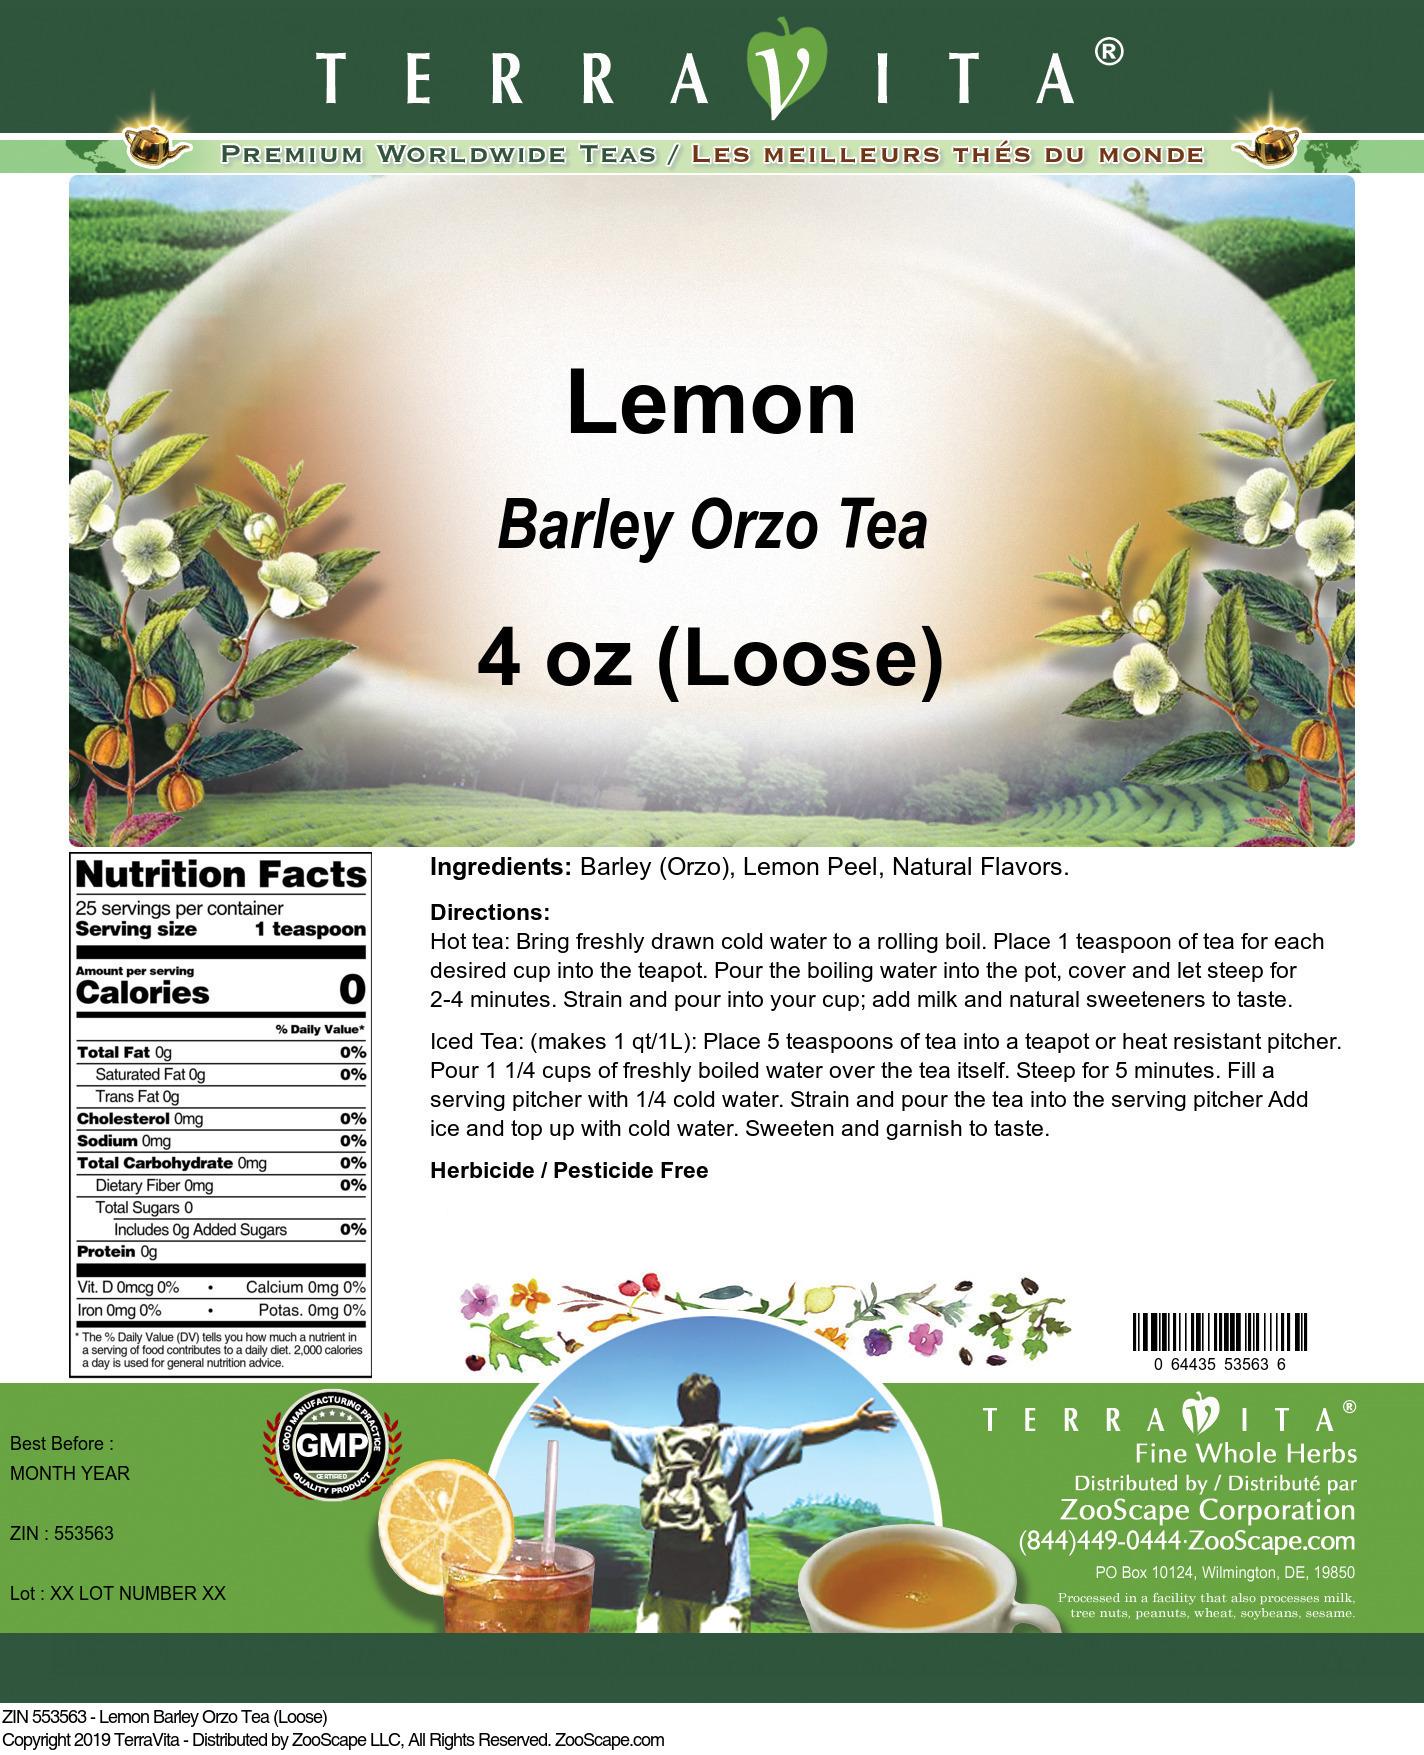 Lemon Barley Orzo